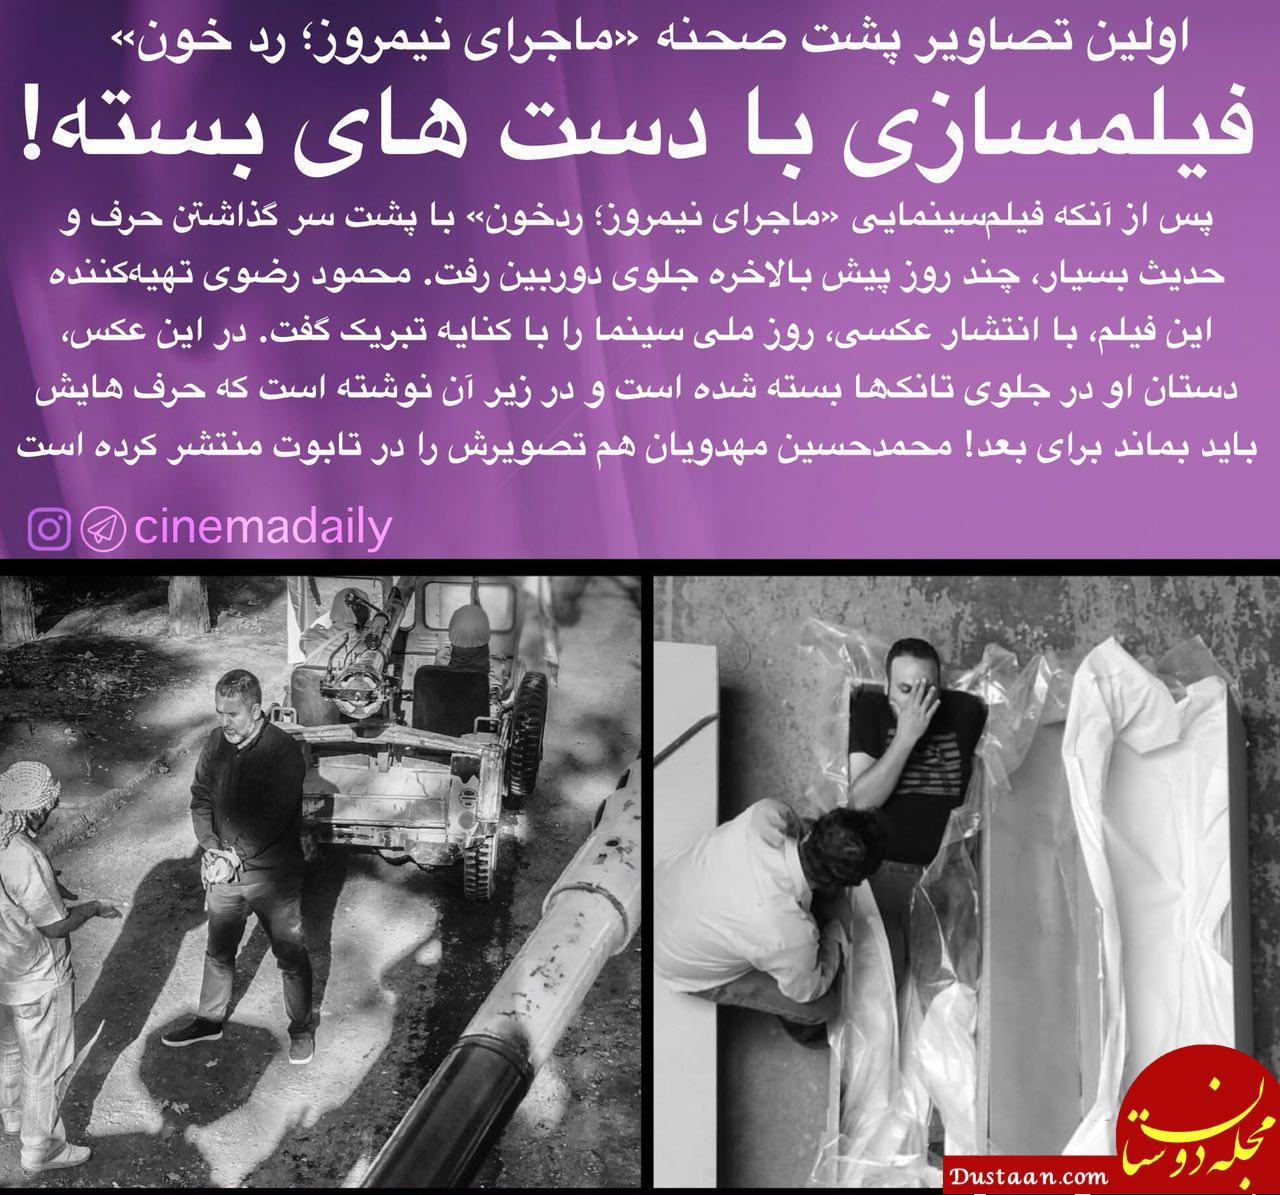 www.dustaan.com انتشار کنایه آمیز تصاویر پشت صحنه «ماجرای نیمروز؛ رد خون»